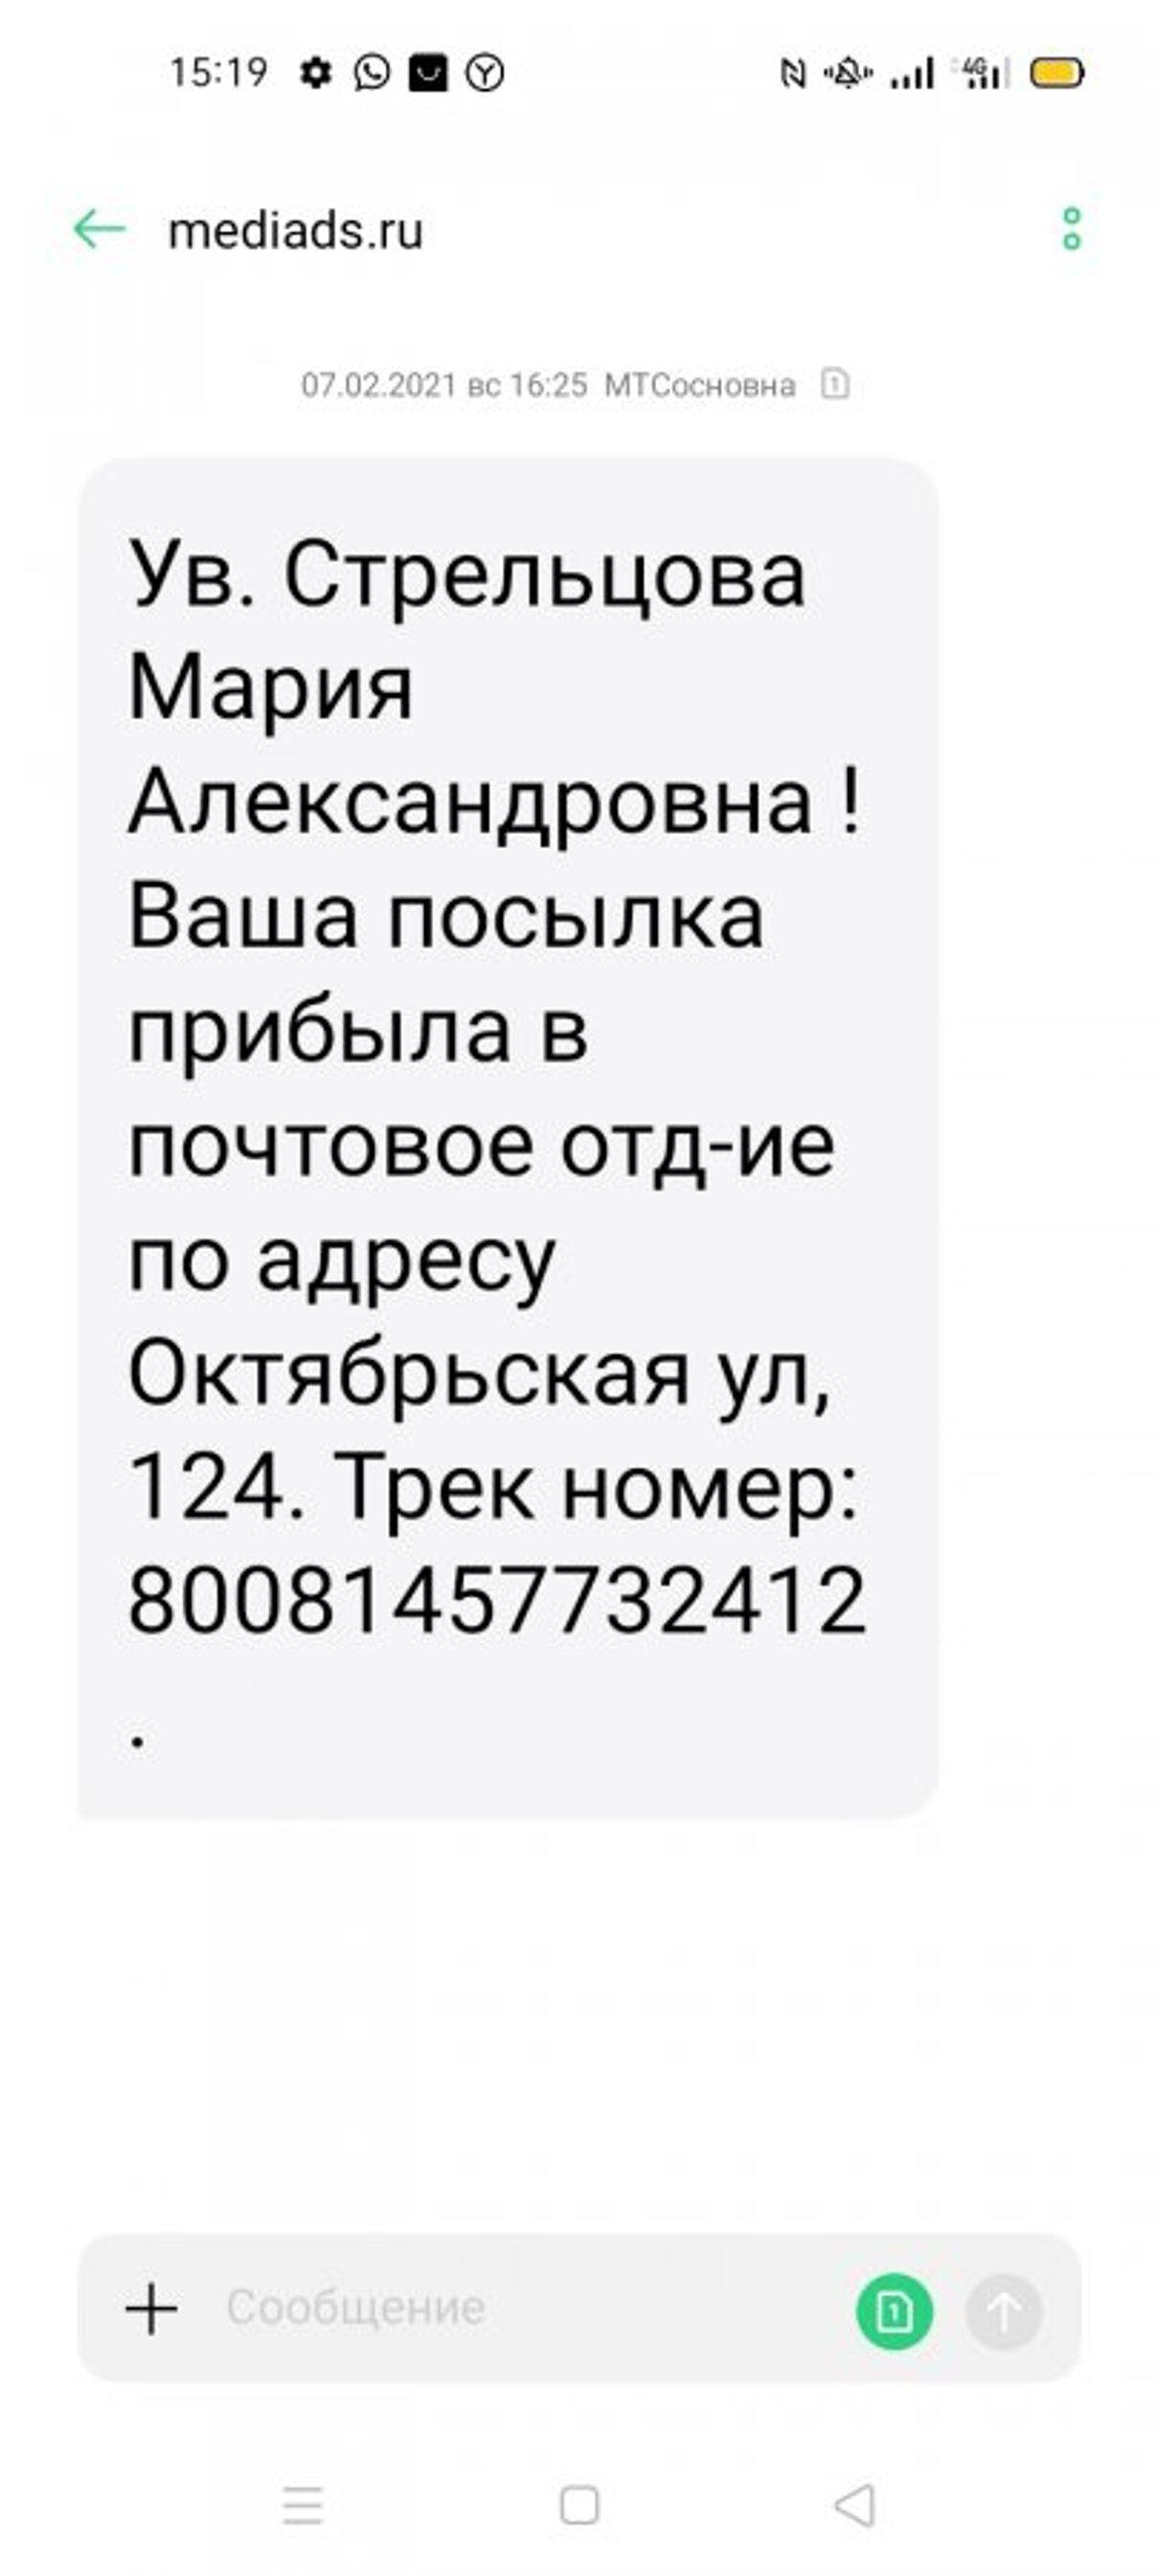 Жалоба-отзыв: Wamplatki.ru - Распродажа павлопосадских платков.  Фото №1